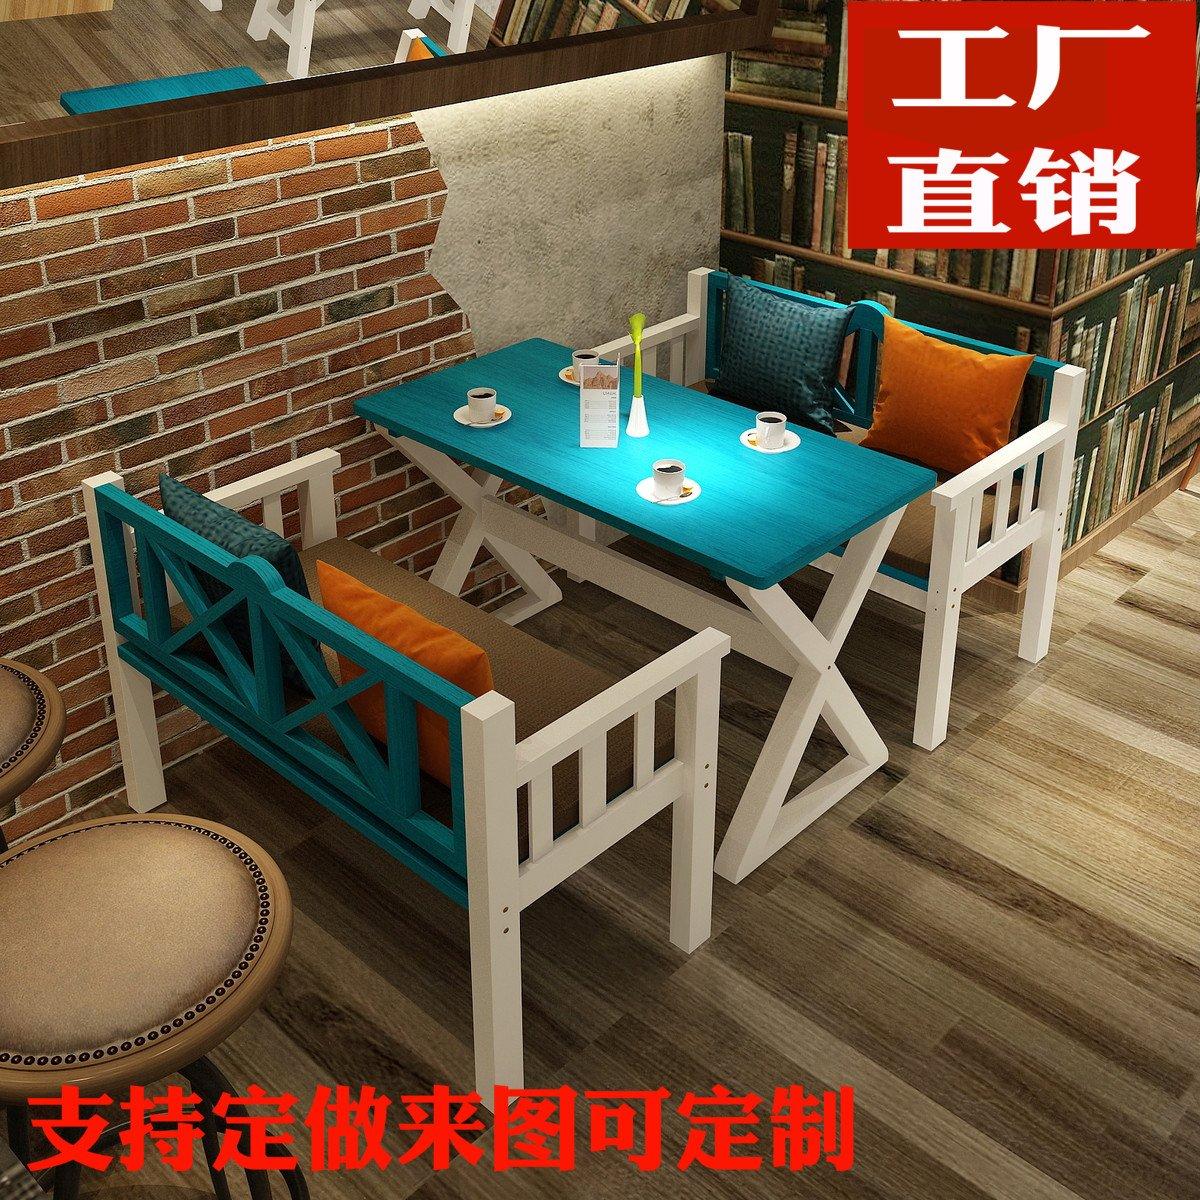 Средиземноморский обеденный стол кафе твердый лес обеденный стол и стулья молочный чай десерт магазин простой западный ресторан фаст-фуд ресторан столы и стулья сочетание